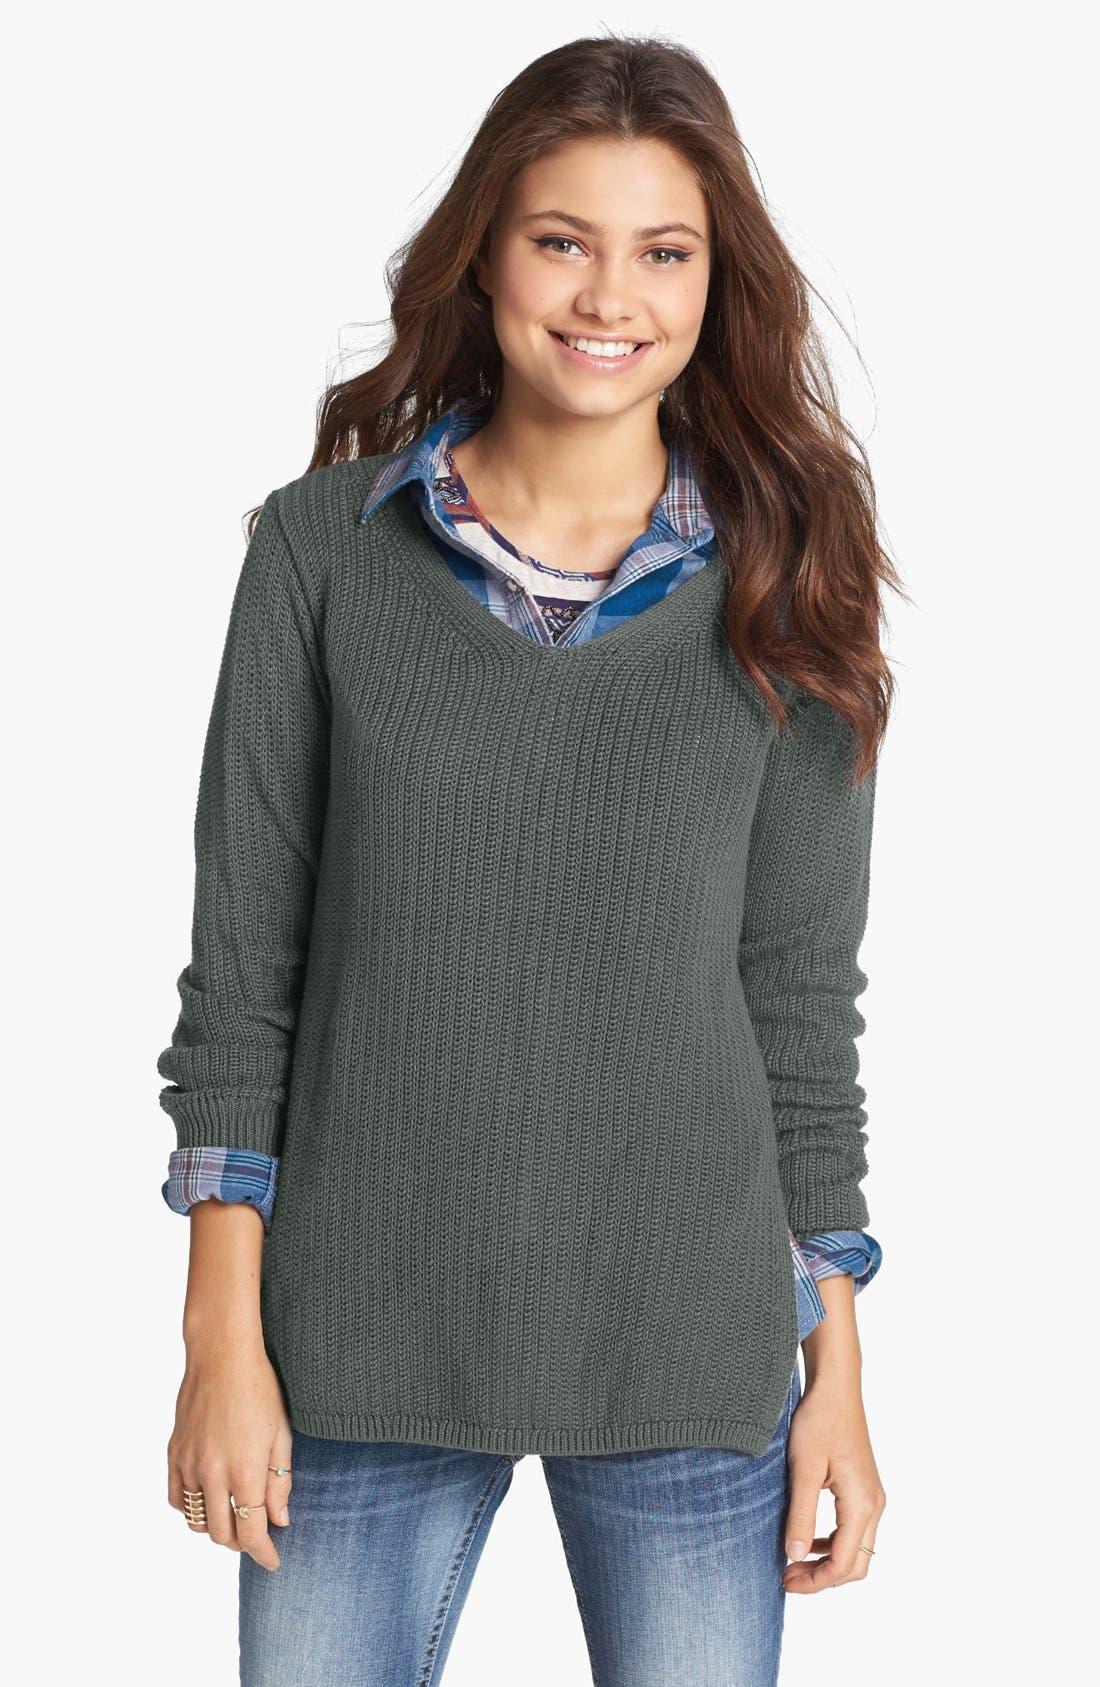 Alternate Image 1 Selected - BP. Side Slit V-Neck Sweater (Juniors)